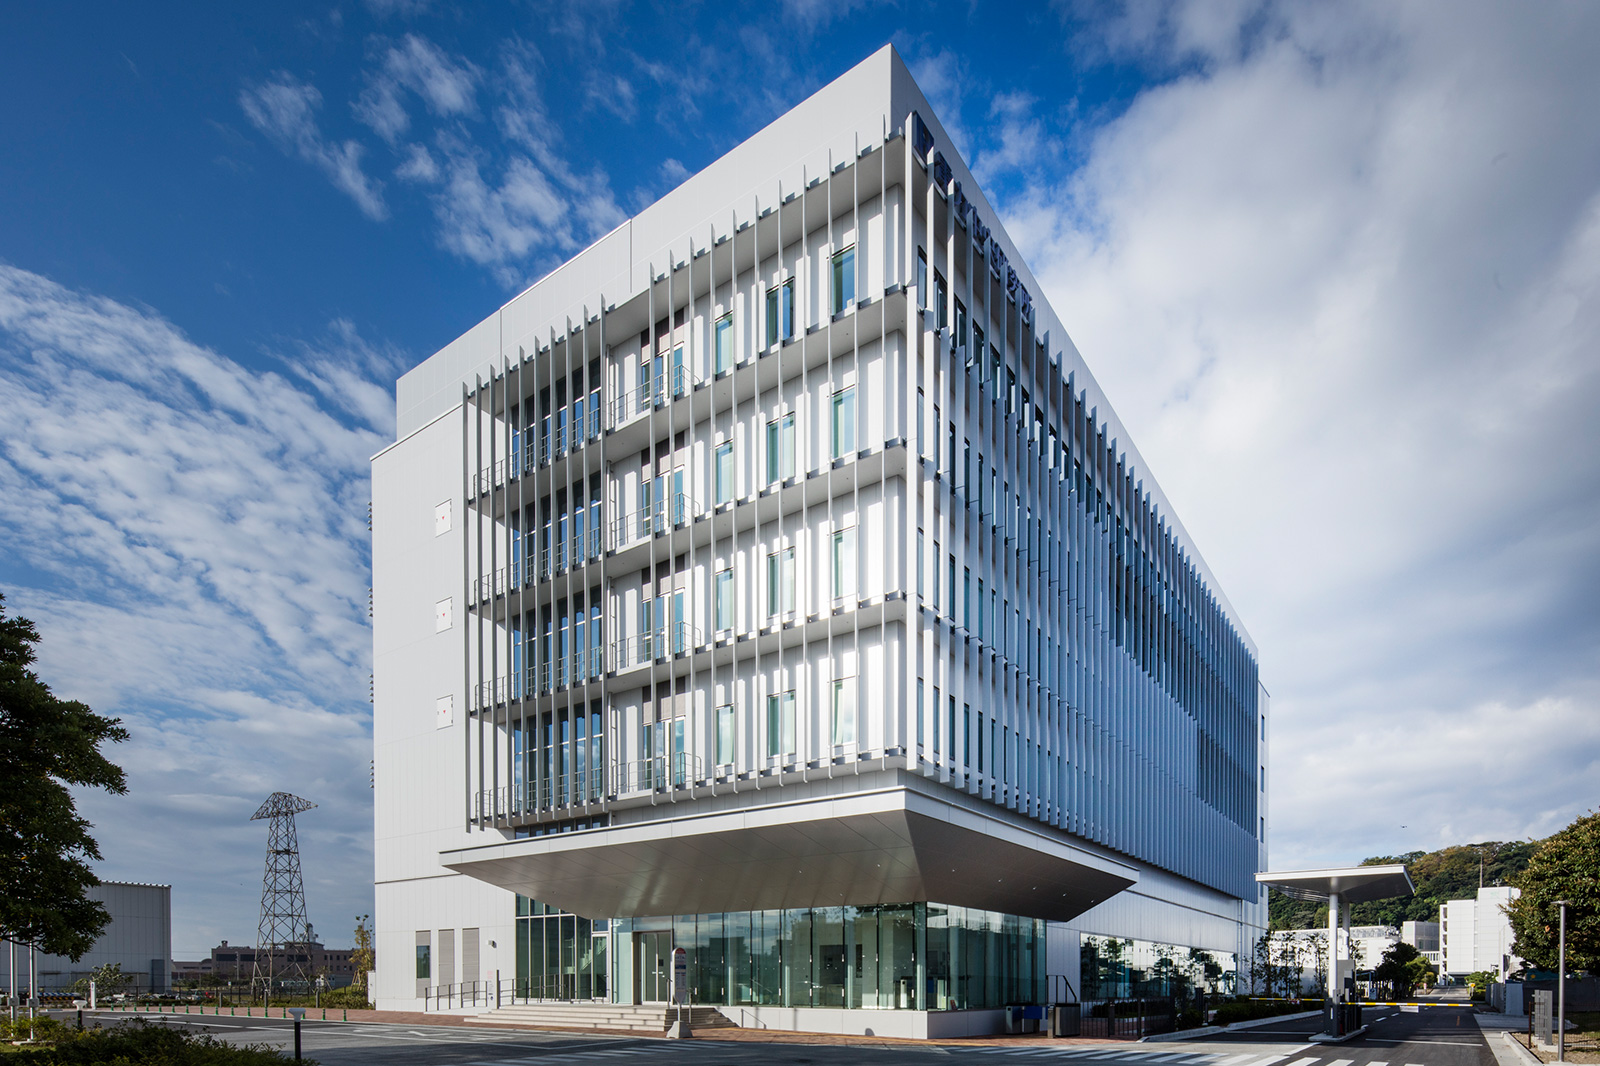 電力中央研究所 横須賀地区 新本館